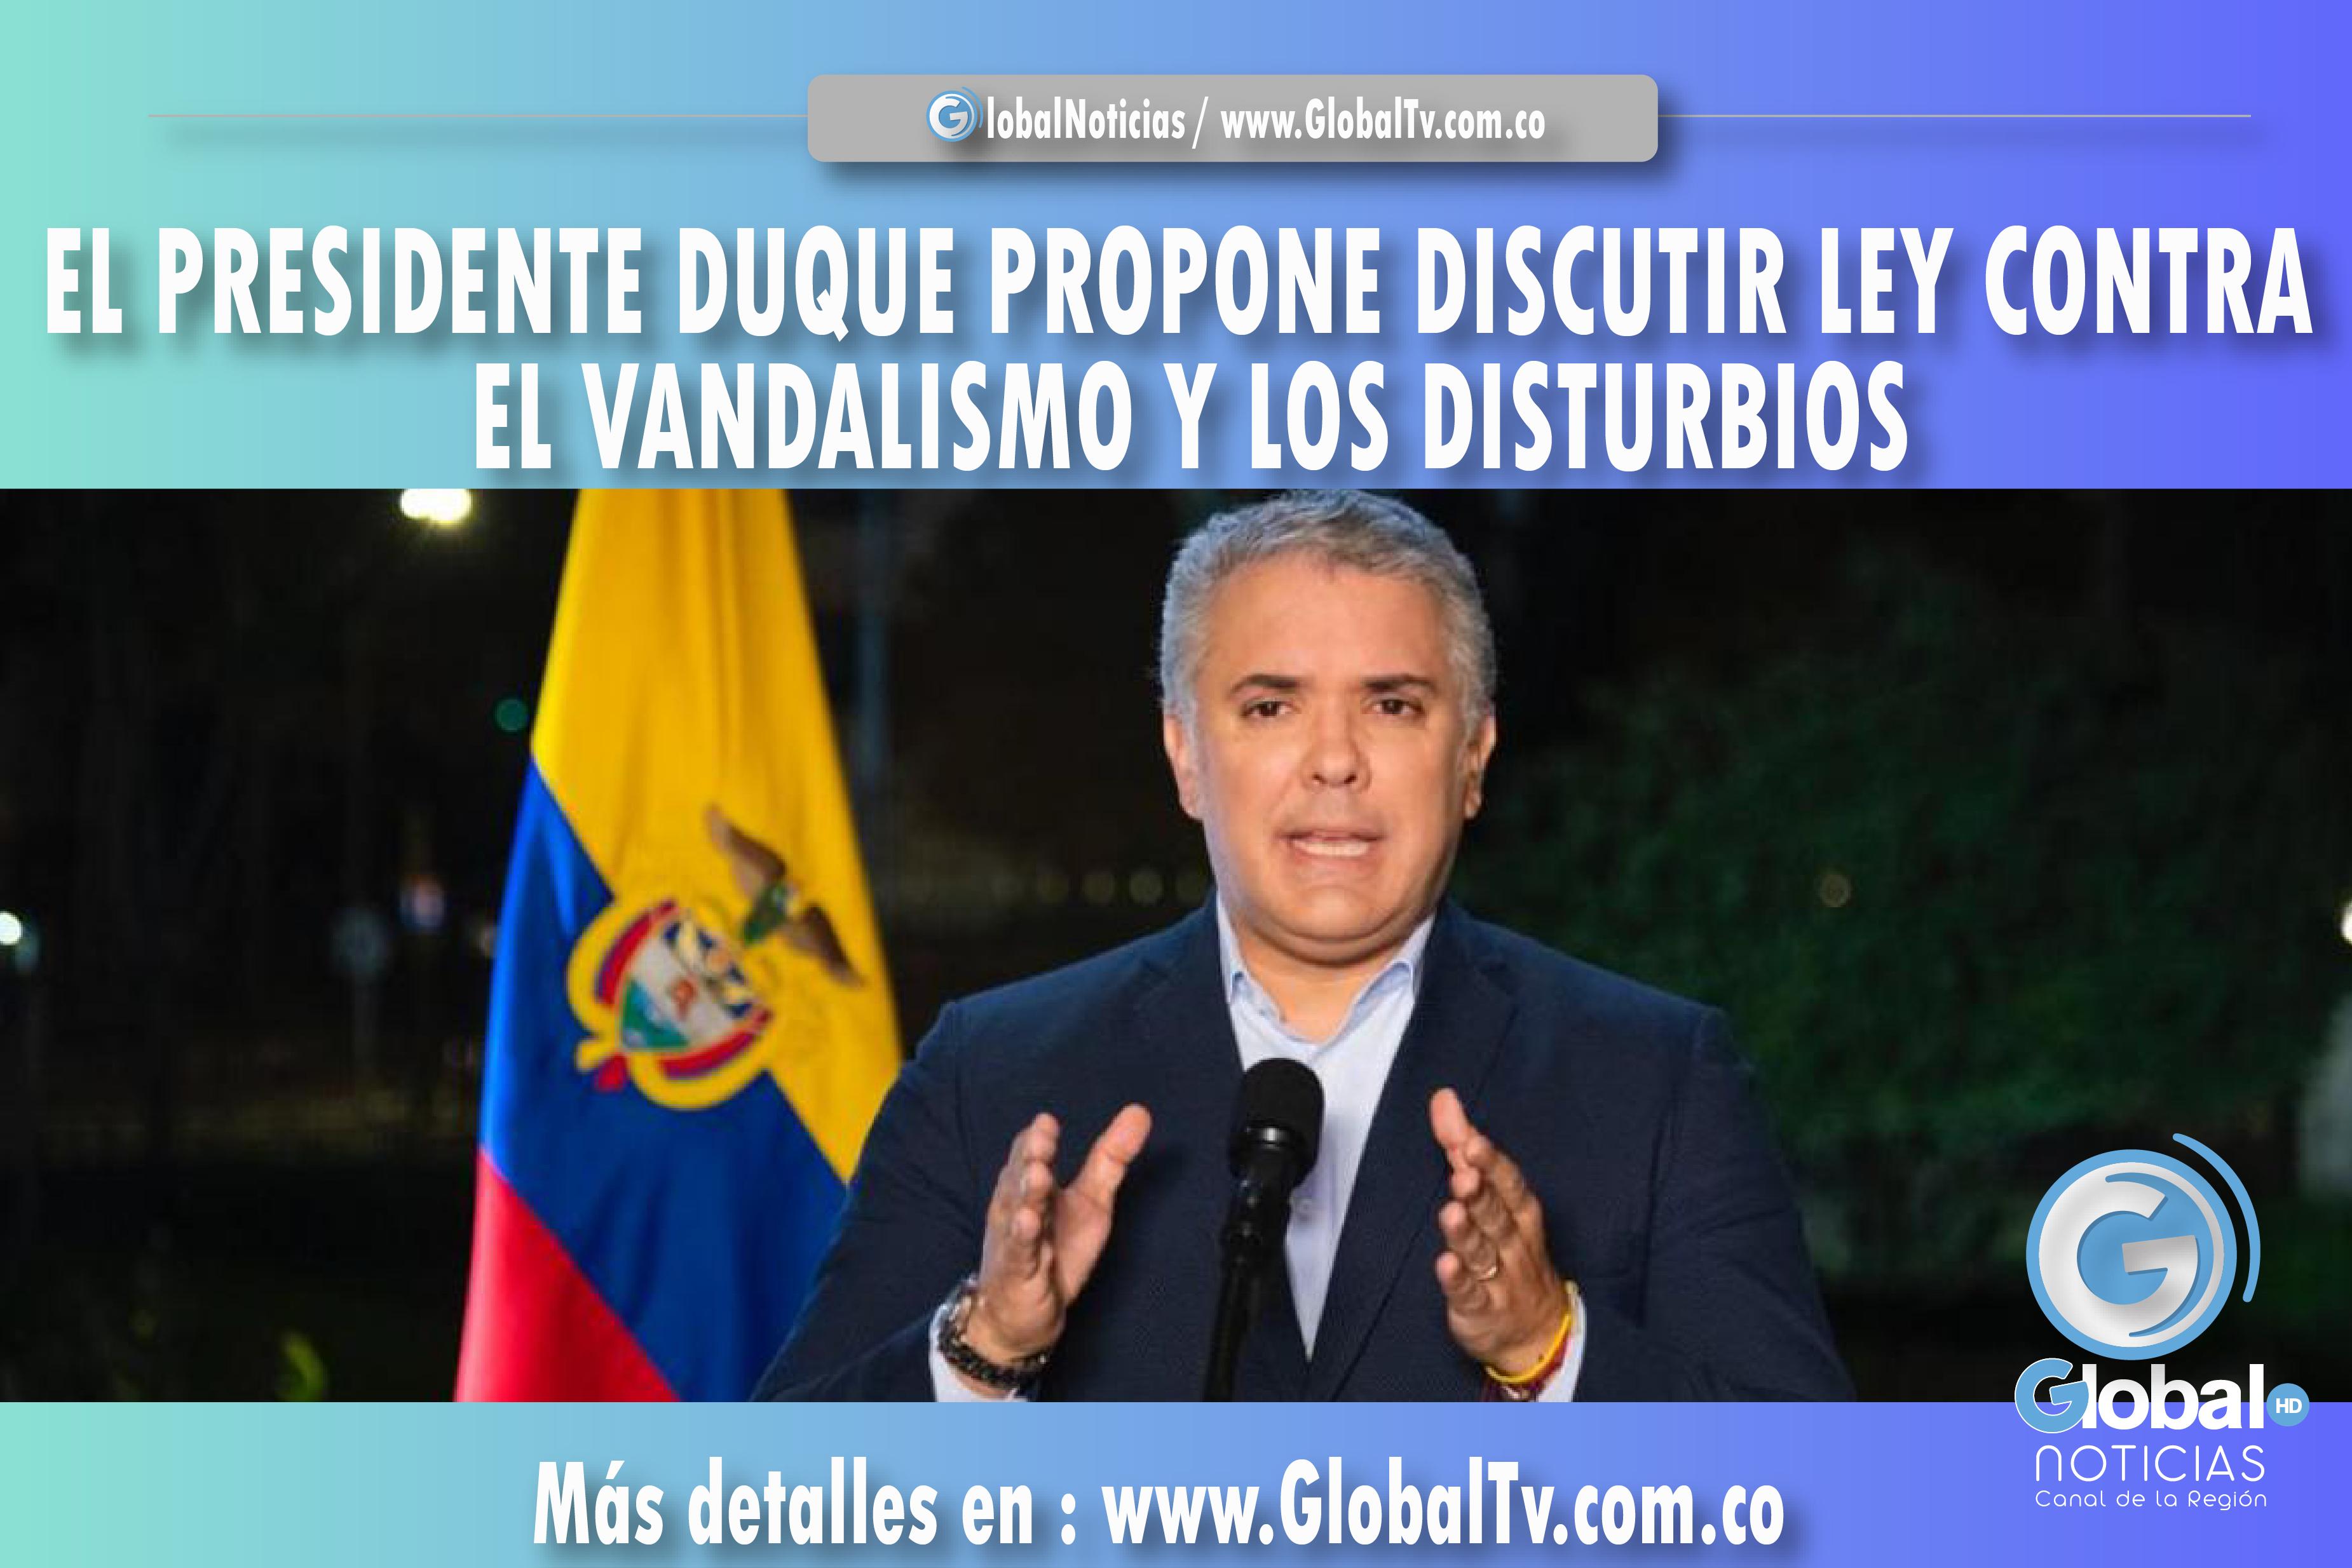 EL PRESIDENTE DUQUE PROPONE DISCUTIR LEY CONTRA EL VANDALISMO Y LOS DISTURBIOS